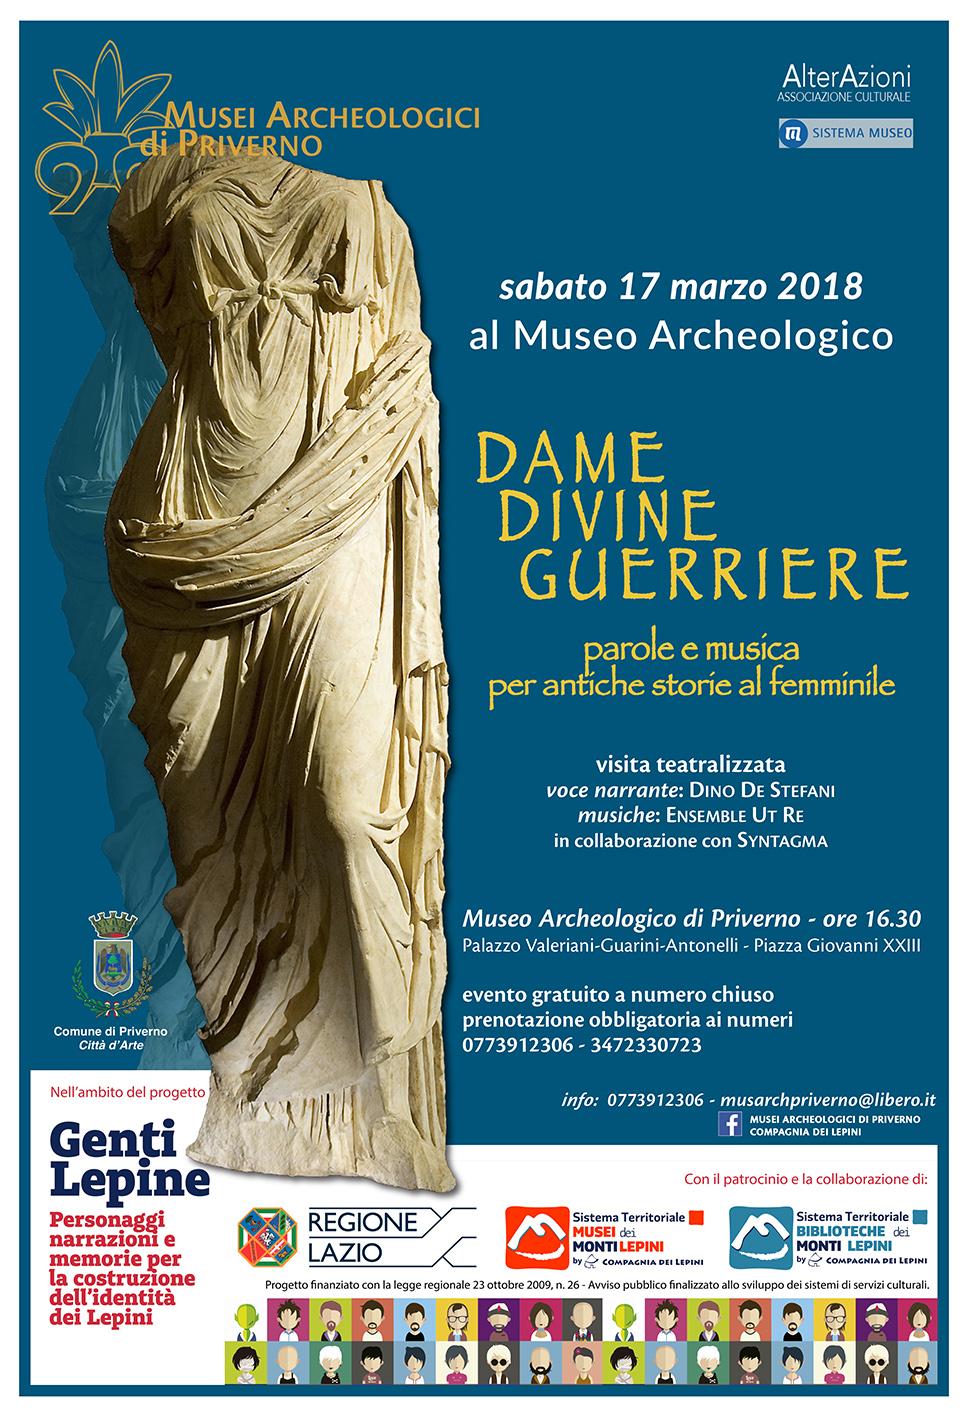 Genti Lepine Priverno: Dame divine guerriere @ Museo Archeologico | Priverno | Lazio | Italia